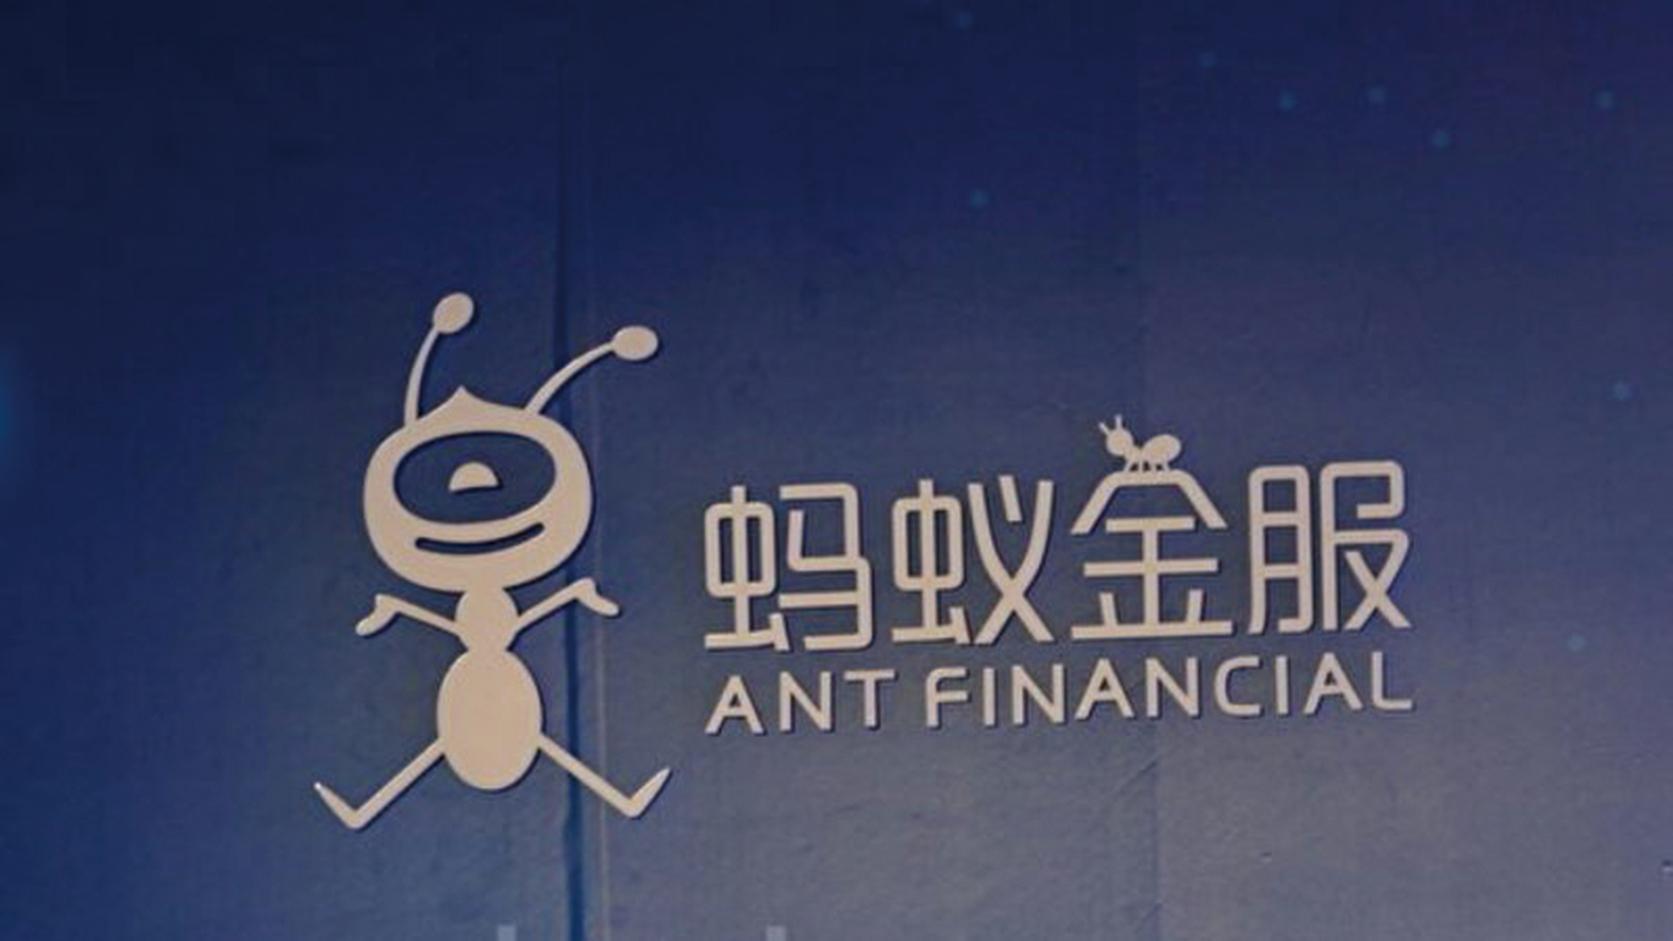 為符合中共監管機構的要求,螞蟻集團計劃將旗下需要金融業務經營許可證的部門,納入到一家新的控股公司中。(宋碧龍/大紀元)